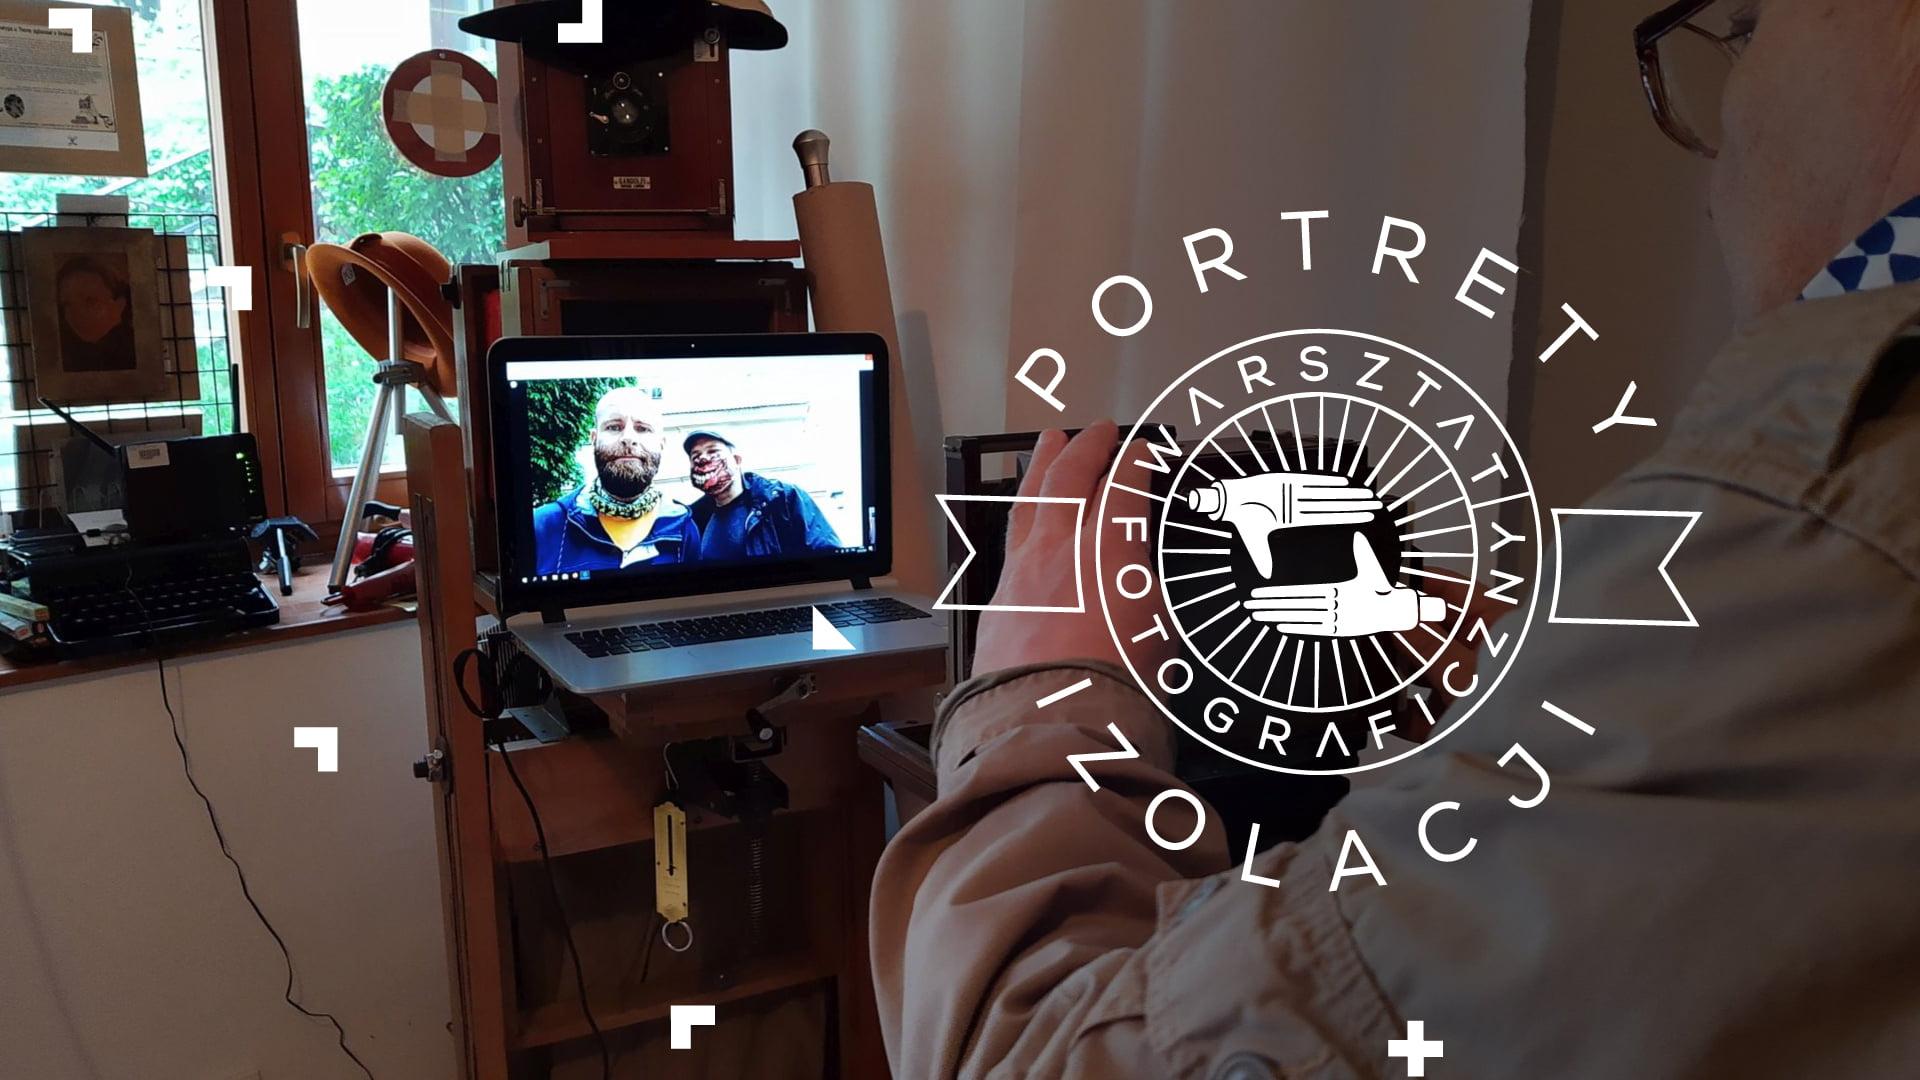 Fotografia przedstawia laptop we wnętrzu atelier fotograficznego. Na pierwszym planie widzimy fotografa, który  próbuje uwiecznić postacie wyświetlające się na ekranie laptopa, używając do tego tradycyjnego aparatu analogowego.